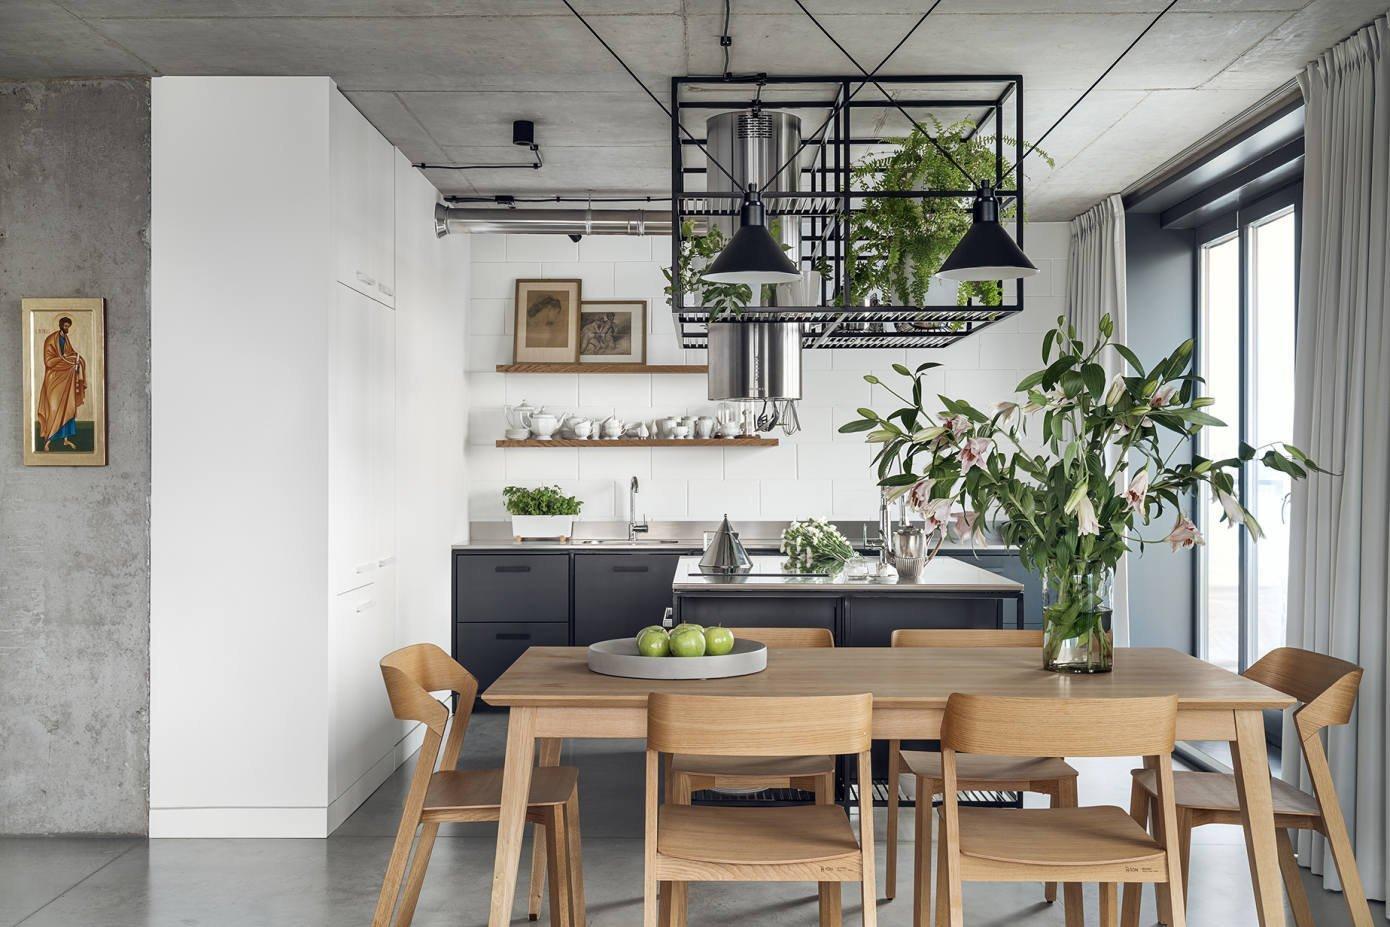 Zajímavě řešený penthouse v Krakově je skvělou ukázkou industriálního stylu bydlení, které si získává čím dál tím více fanoušků. Odvážná kombinace materiálů a tvarů spoludotváří přitažlivý charakter bytu, ve kterém dostává prostor i elegance.